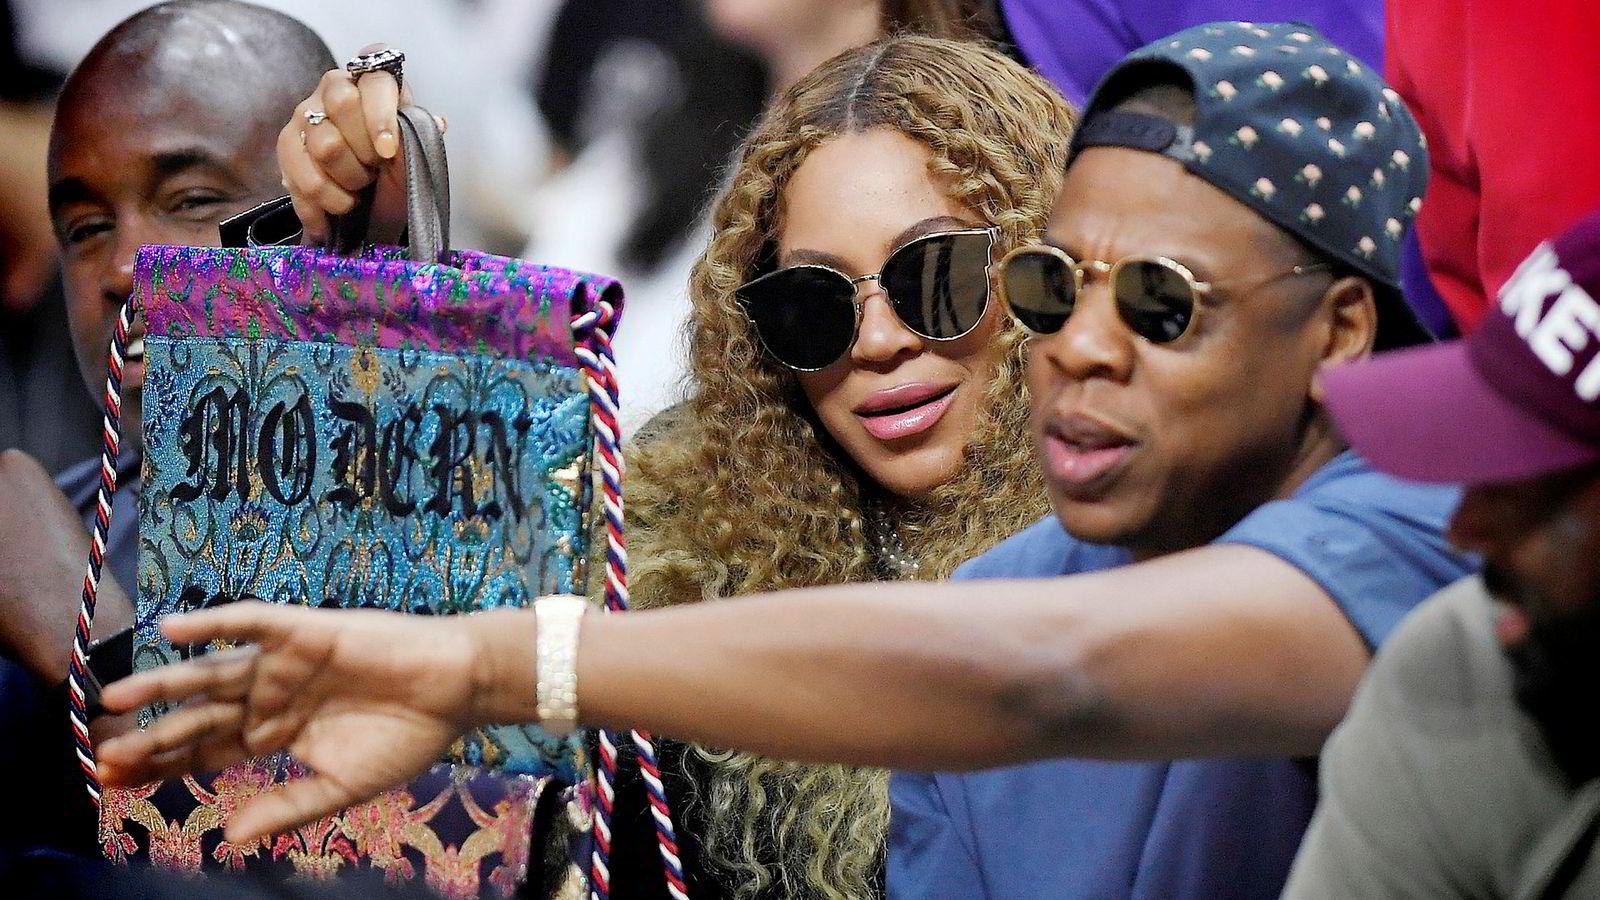 Beyoncé og Jay Z fotografert under en basketballkamp i Los Angeles i august. Eierskapet i Tidal har kostet rapperen Jay Z dyrt.